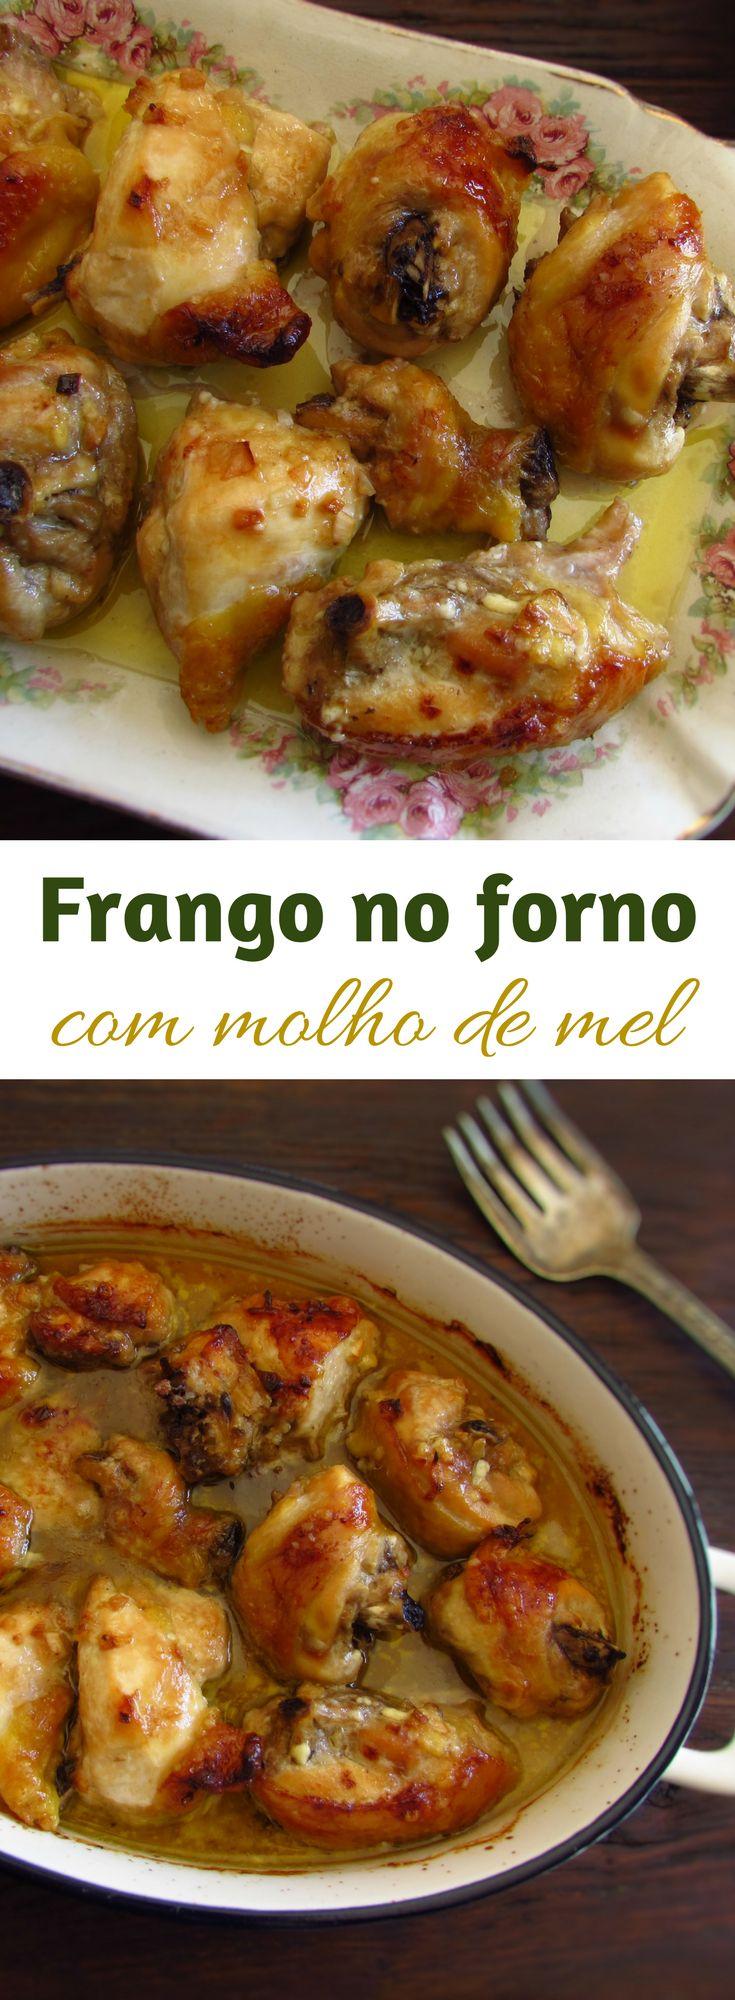 Frango no forno com molho de mel | Food From Portugal. Prepare esta deliciosa receita de frango no forno regado com uma deliciosa mistura de mel, maionese e azeite! É a receita perfeita para um almoço de Domingo em família! Bom apetite!!! #receita #frango #mel #forno